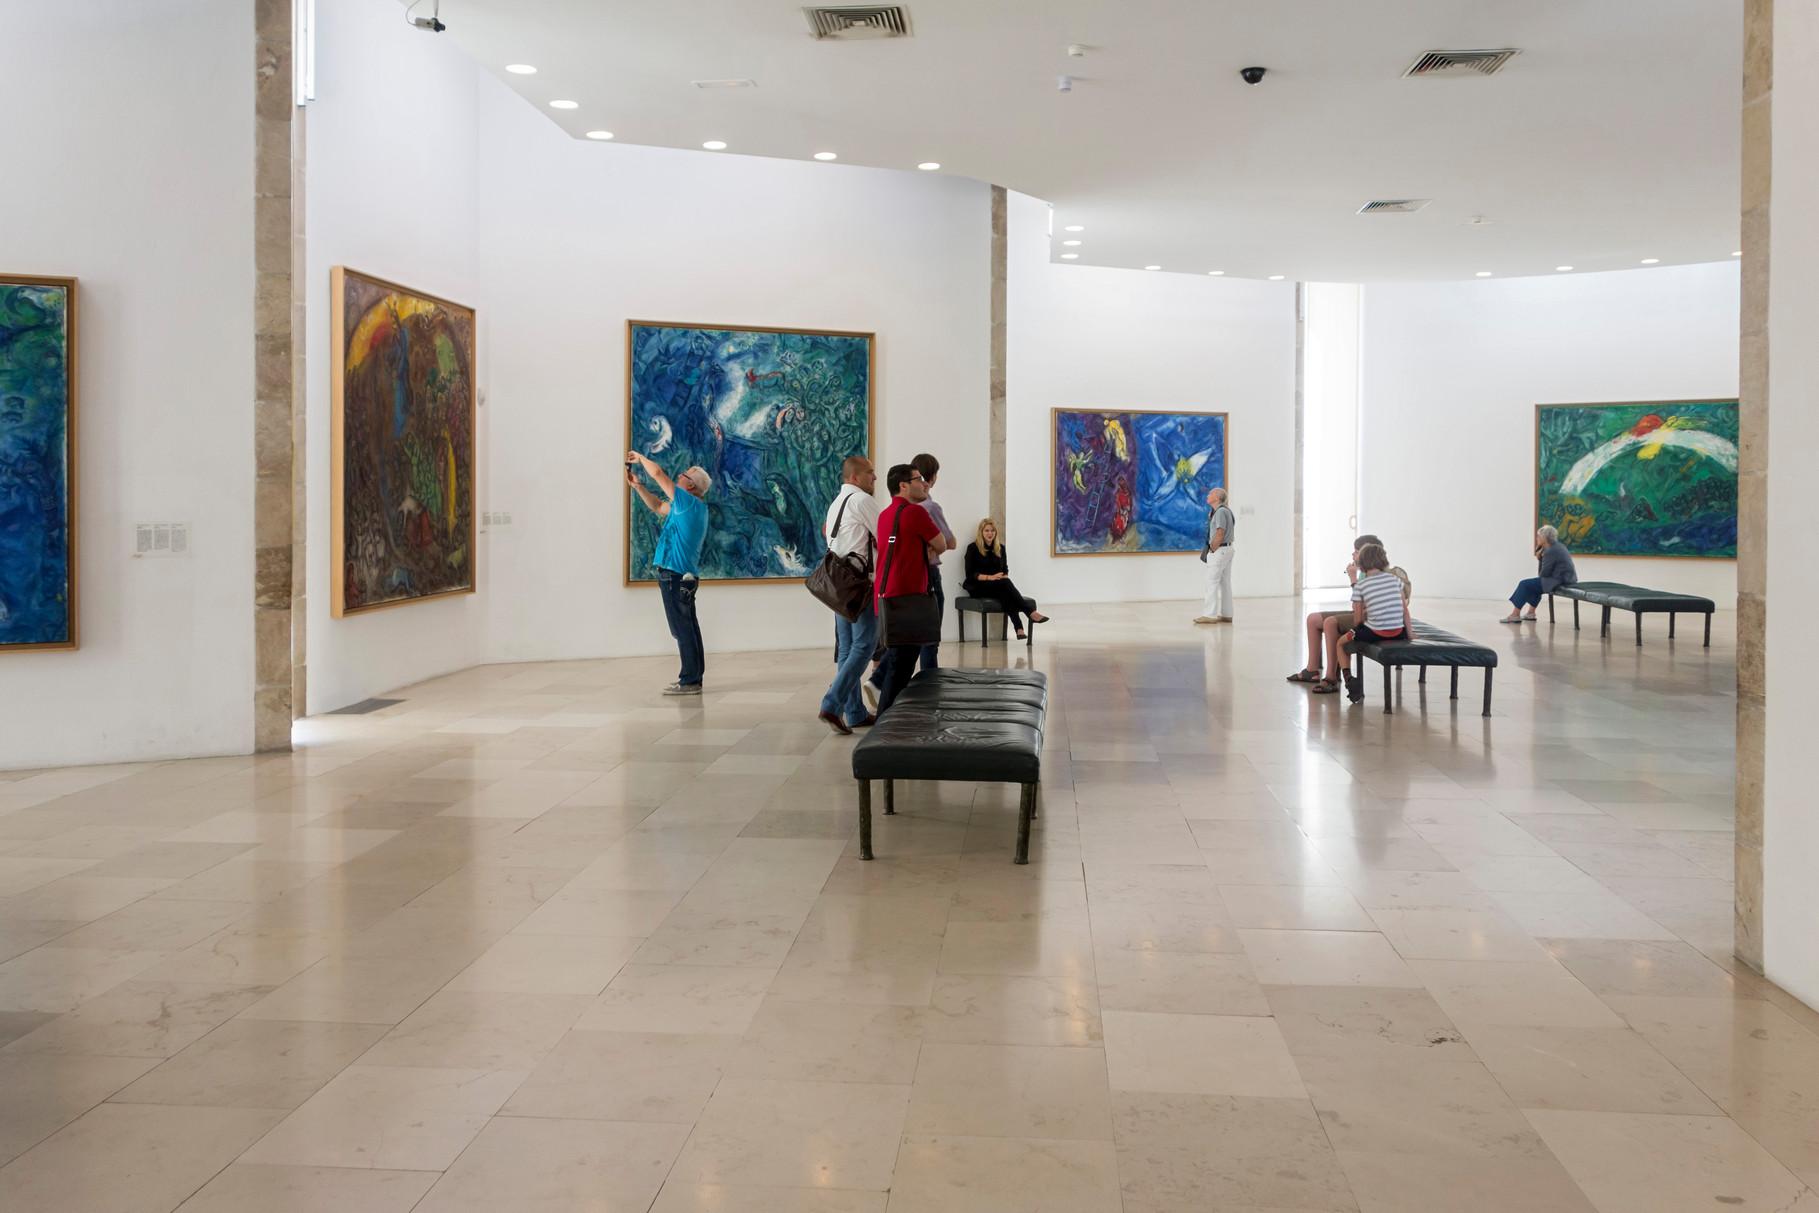 """Ausstellungsraum mit Chagalls Werk """"Biblische Botschaft"""" mit 17 großformatigen Gemälden"""